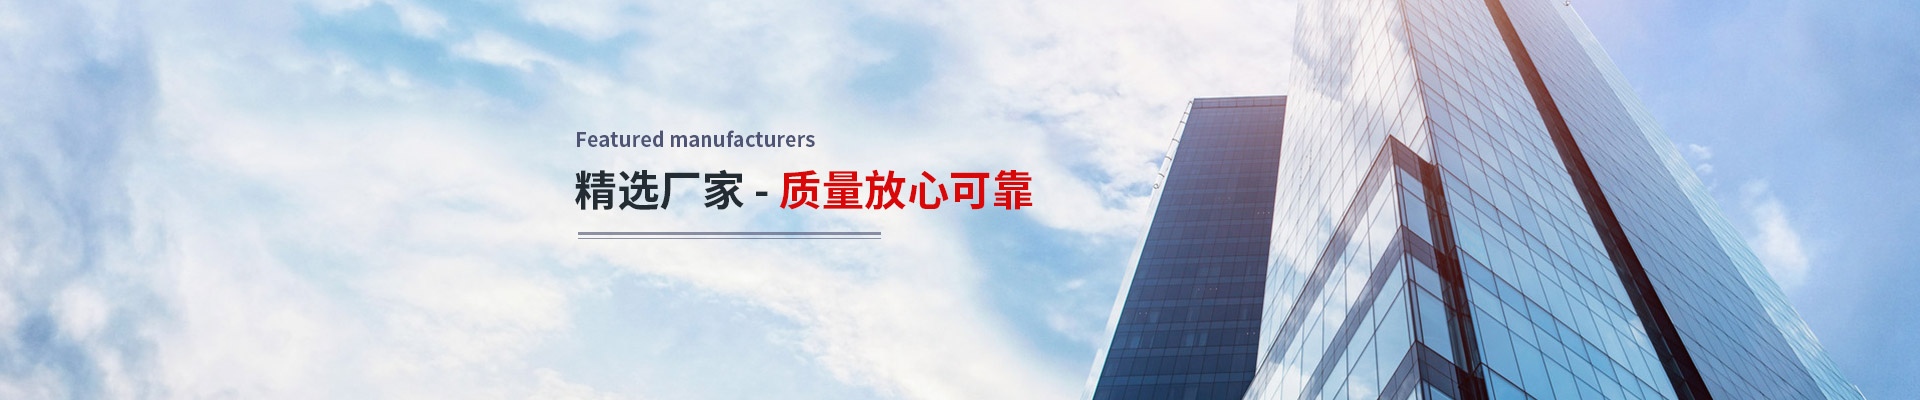 江苏服务包装机械科技项目